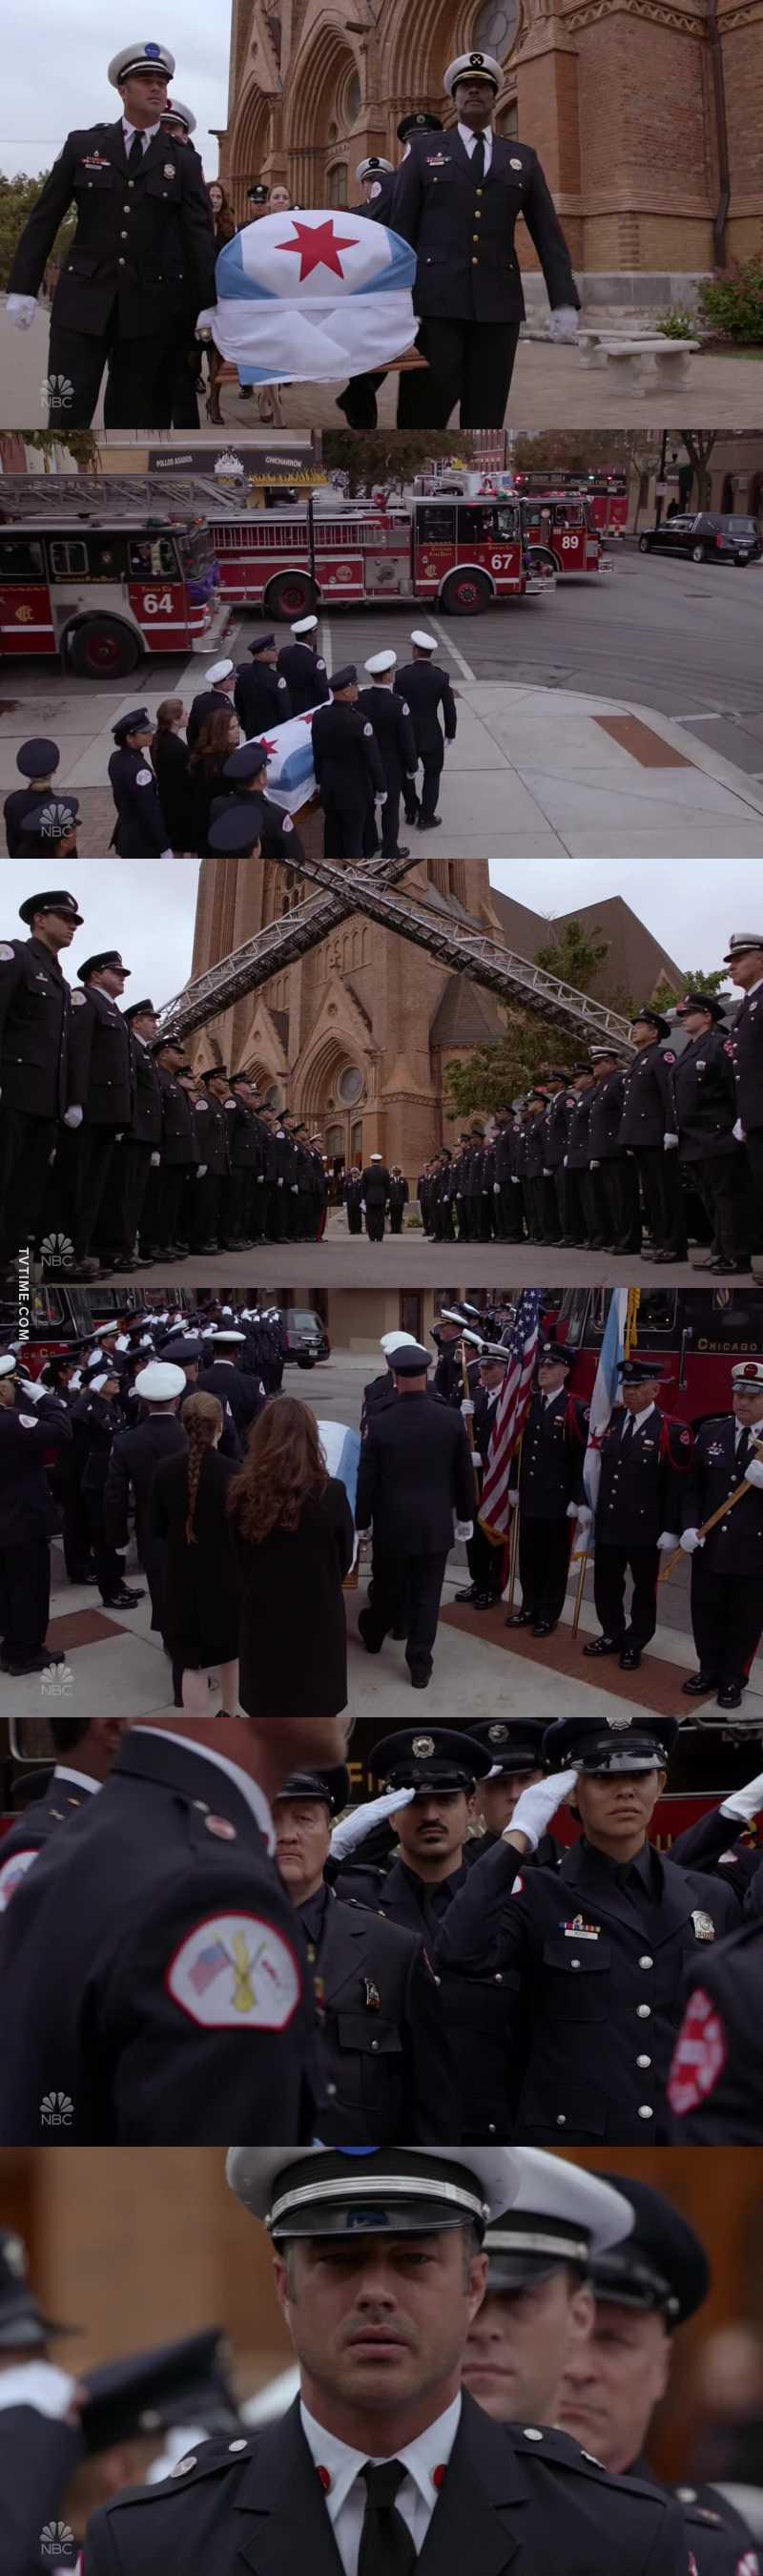 """I funerali di poliziotti, pompieri e militari sono una cosa devastante... ho avuto i brividi dall'inizio alla fine.  """"Il comandante Benjamin Severide è tornato alla base e libero dai suoi doveri. Che riposi in pace insieme ai suoi fratelli e sorelle lassù""""❤"""